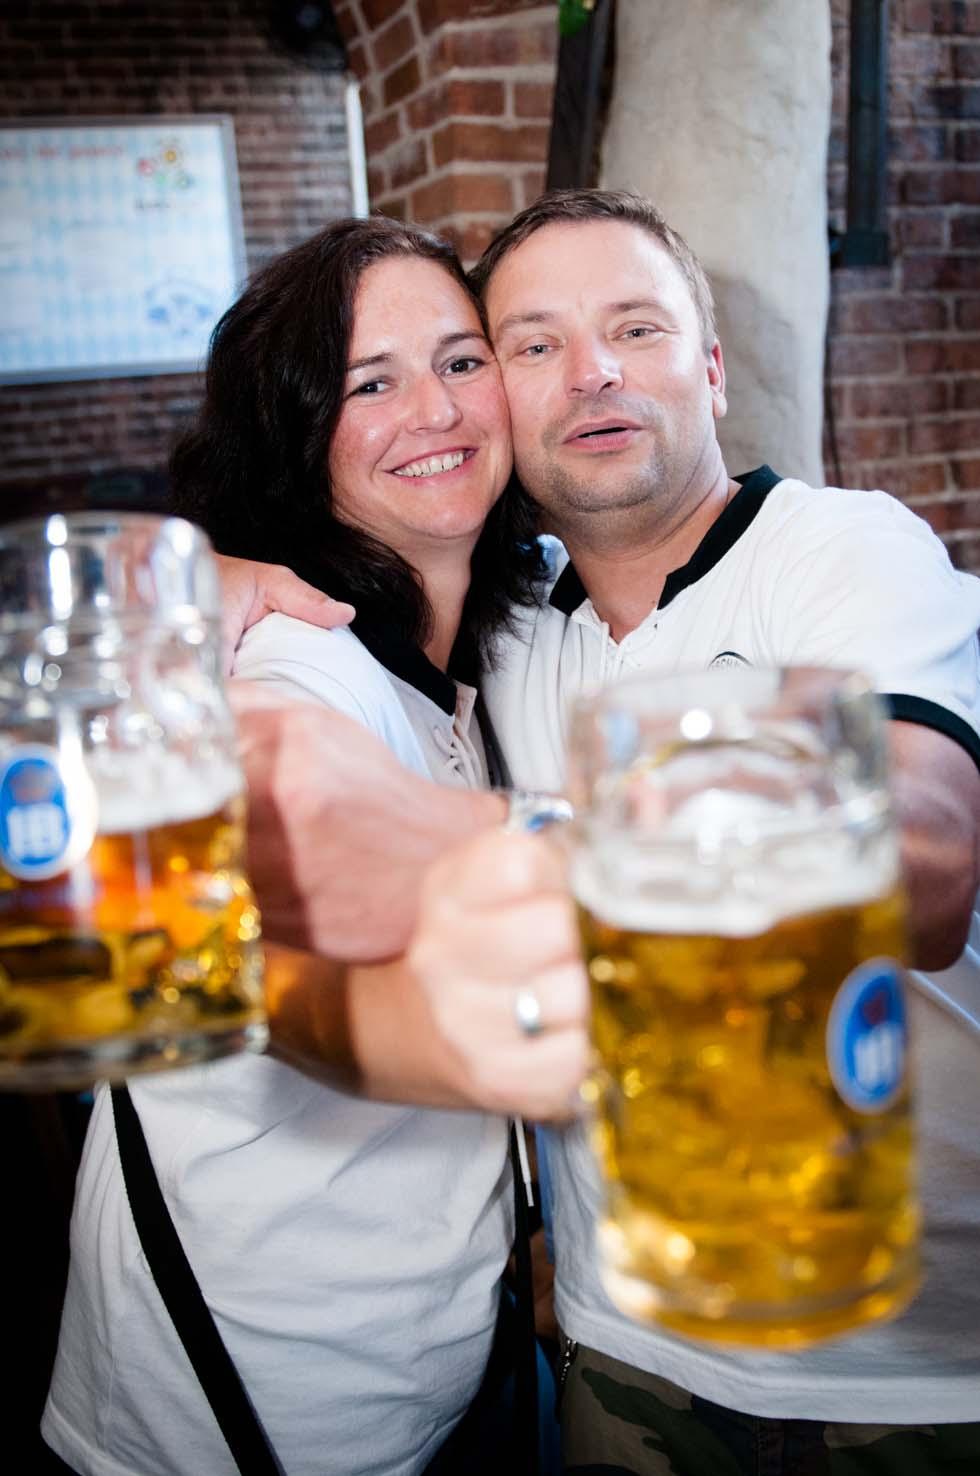 zum-schneider-nyc-2012-eurocup-germany-denmark-1527.jpg